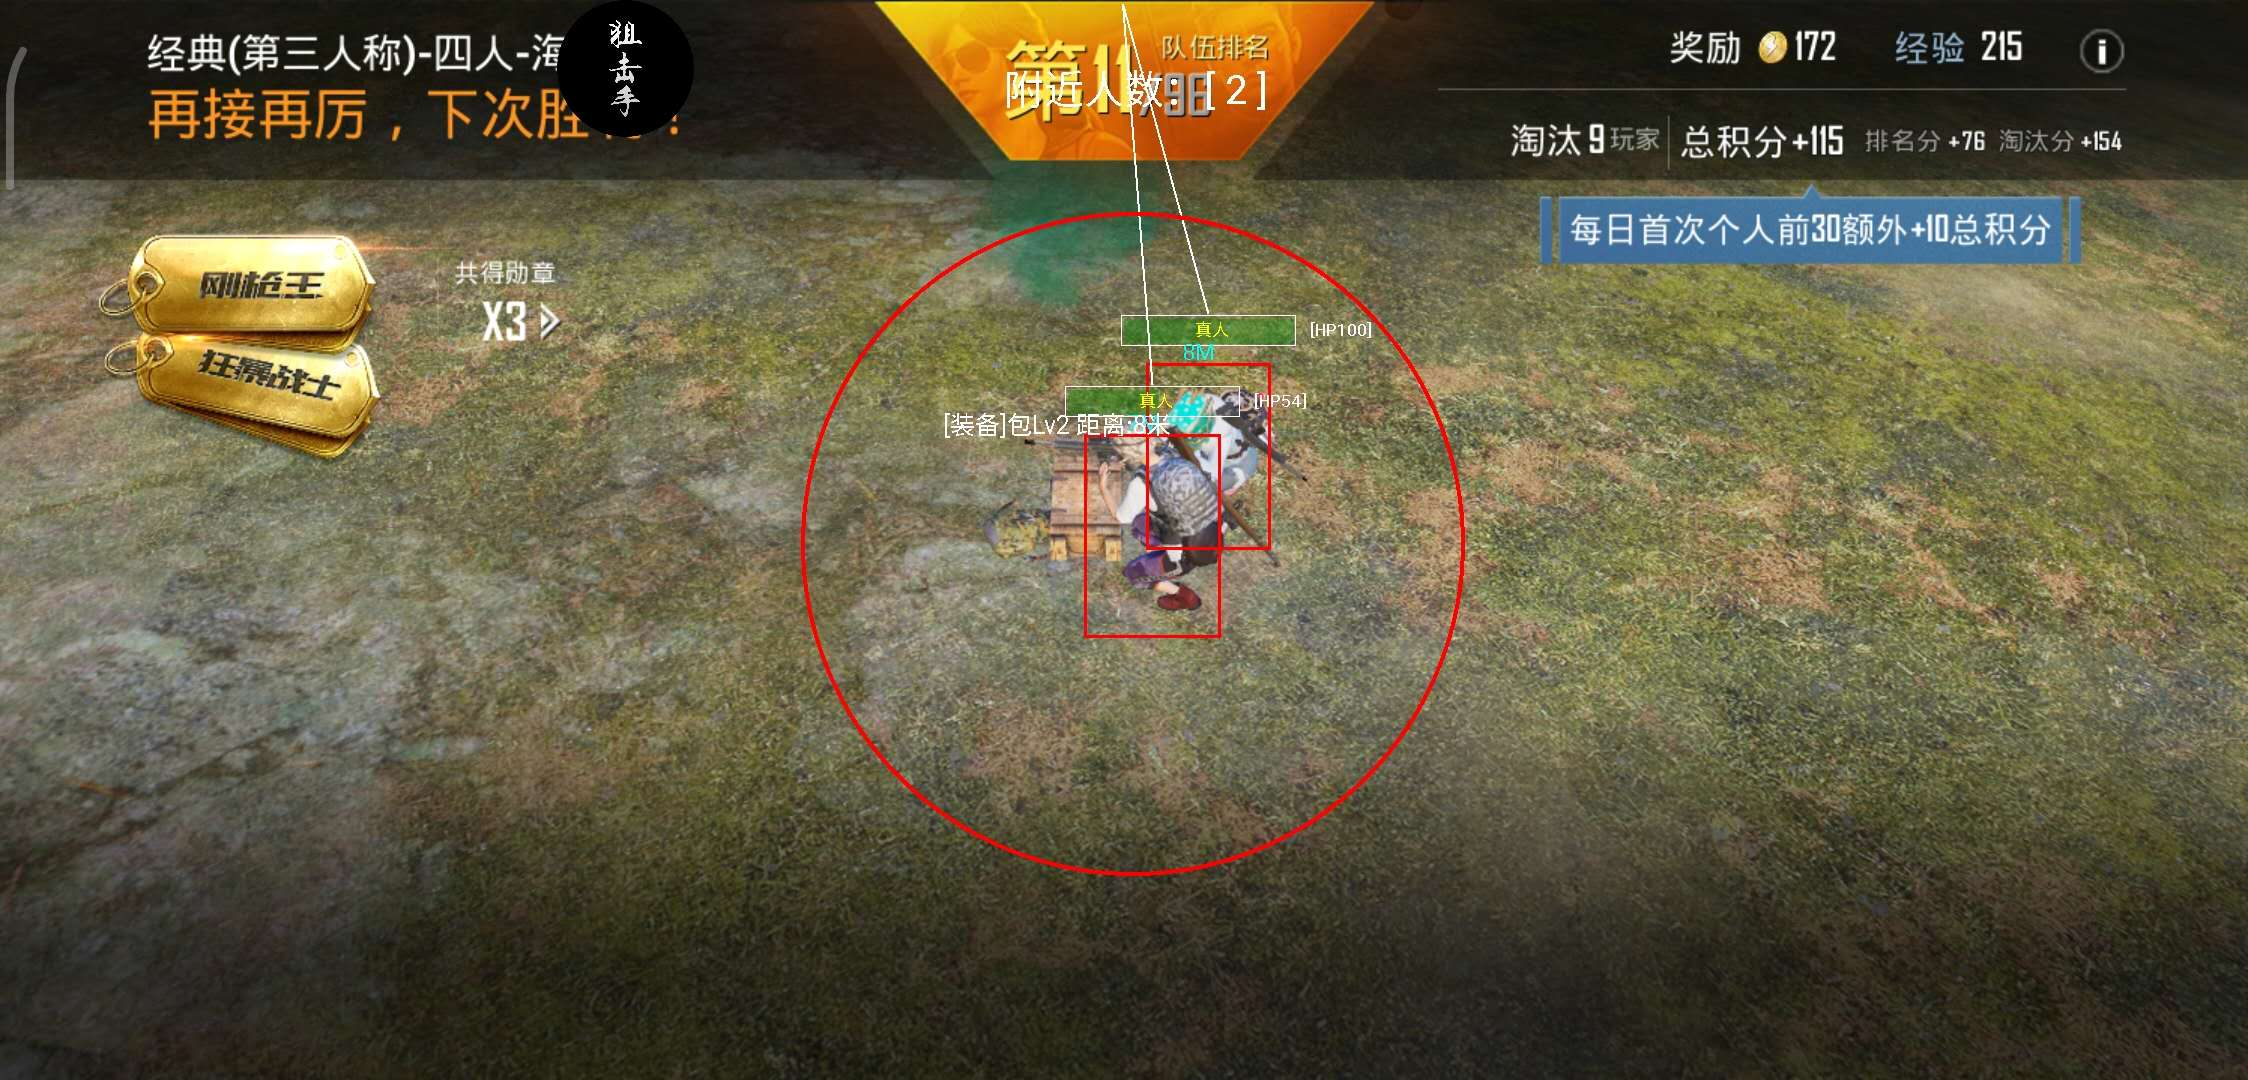 和平精英手游_狙击手多功能辅助破解版v3.20